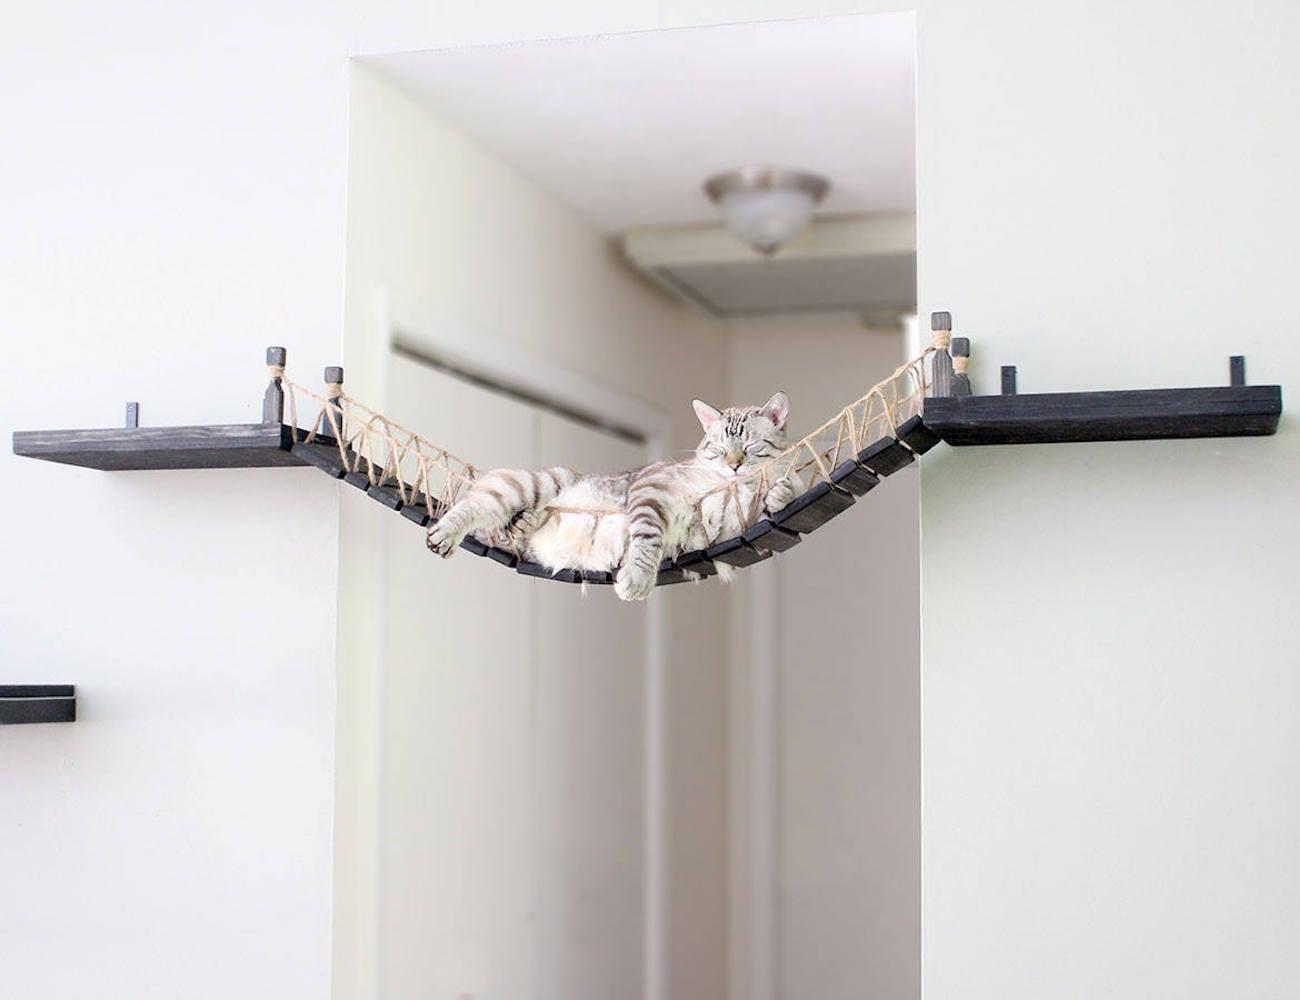 CatastrophiCreations Roped Cat Bridge